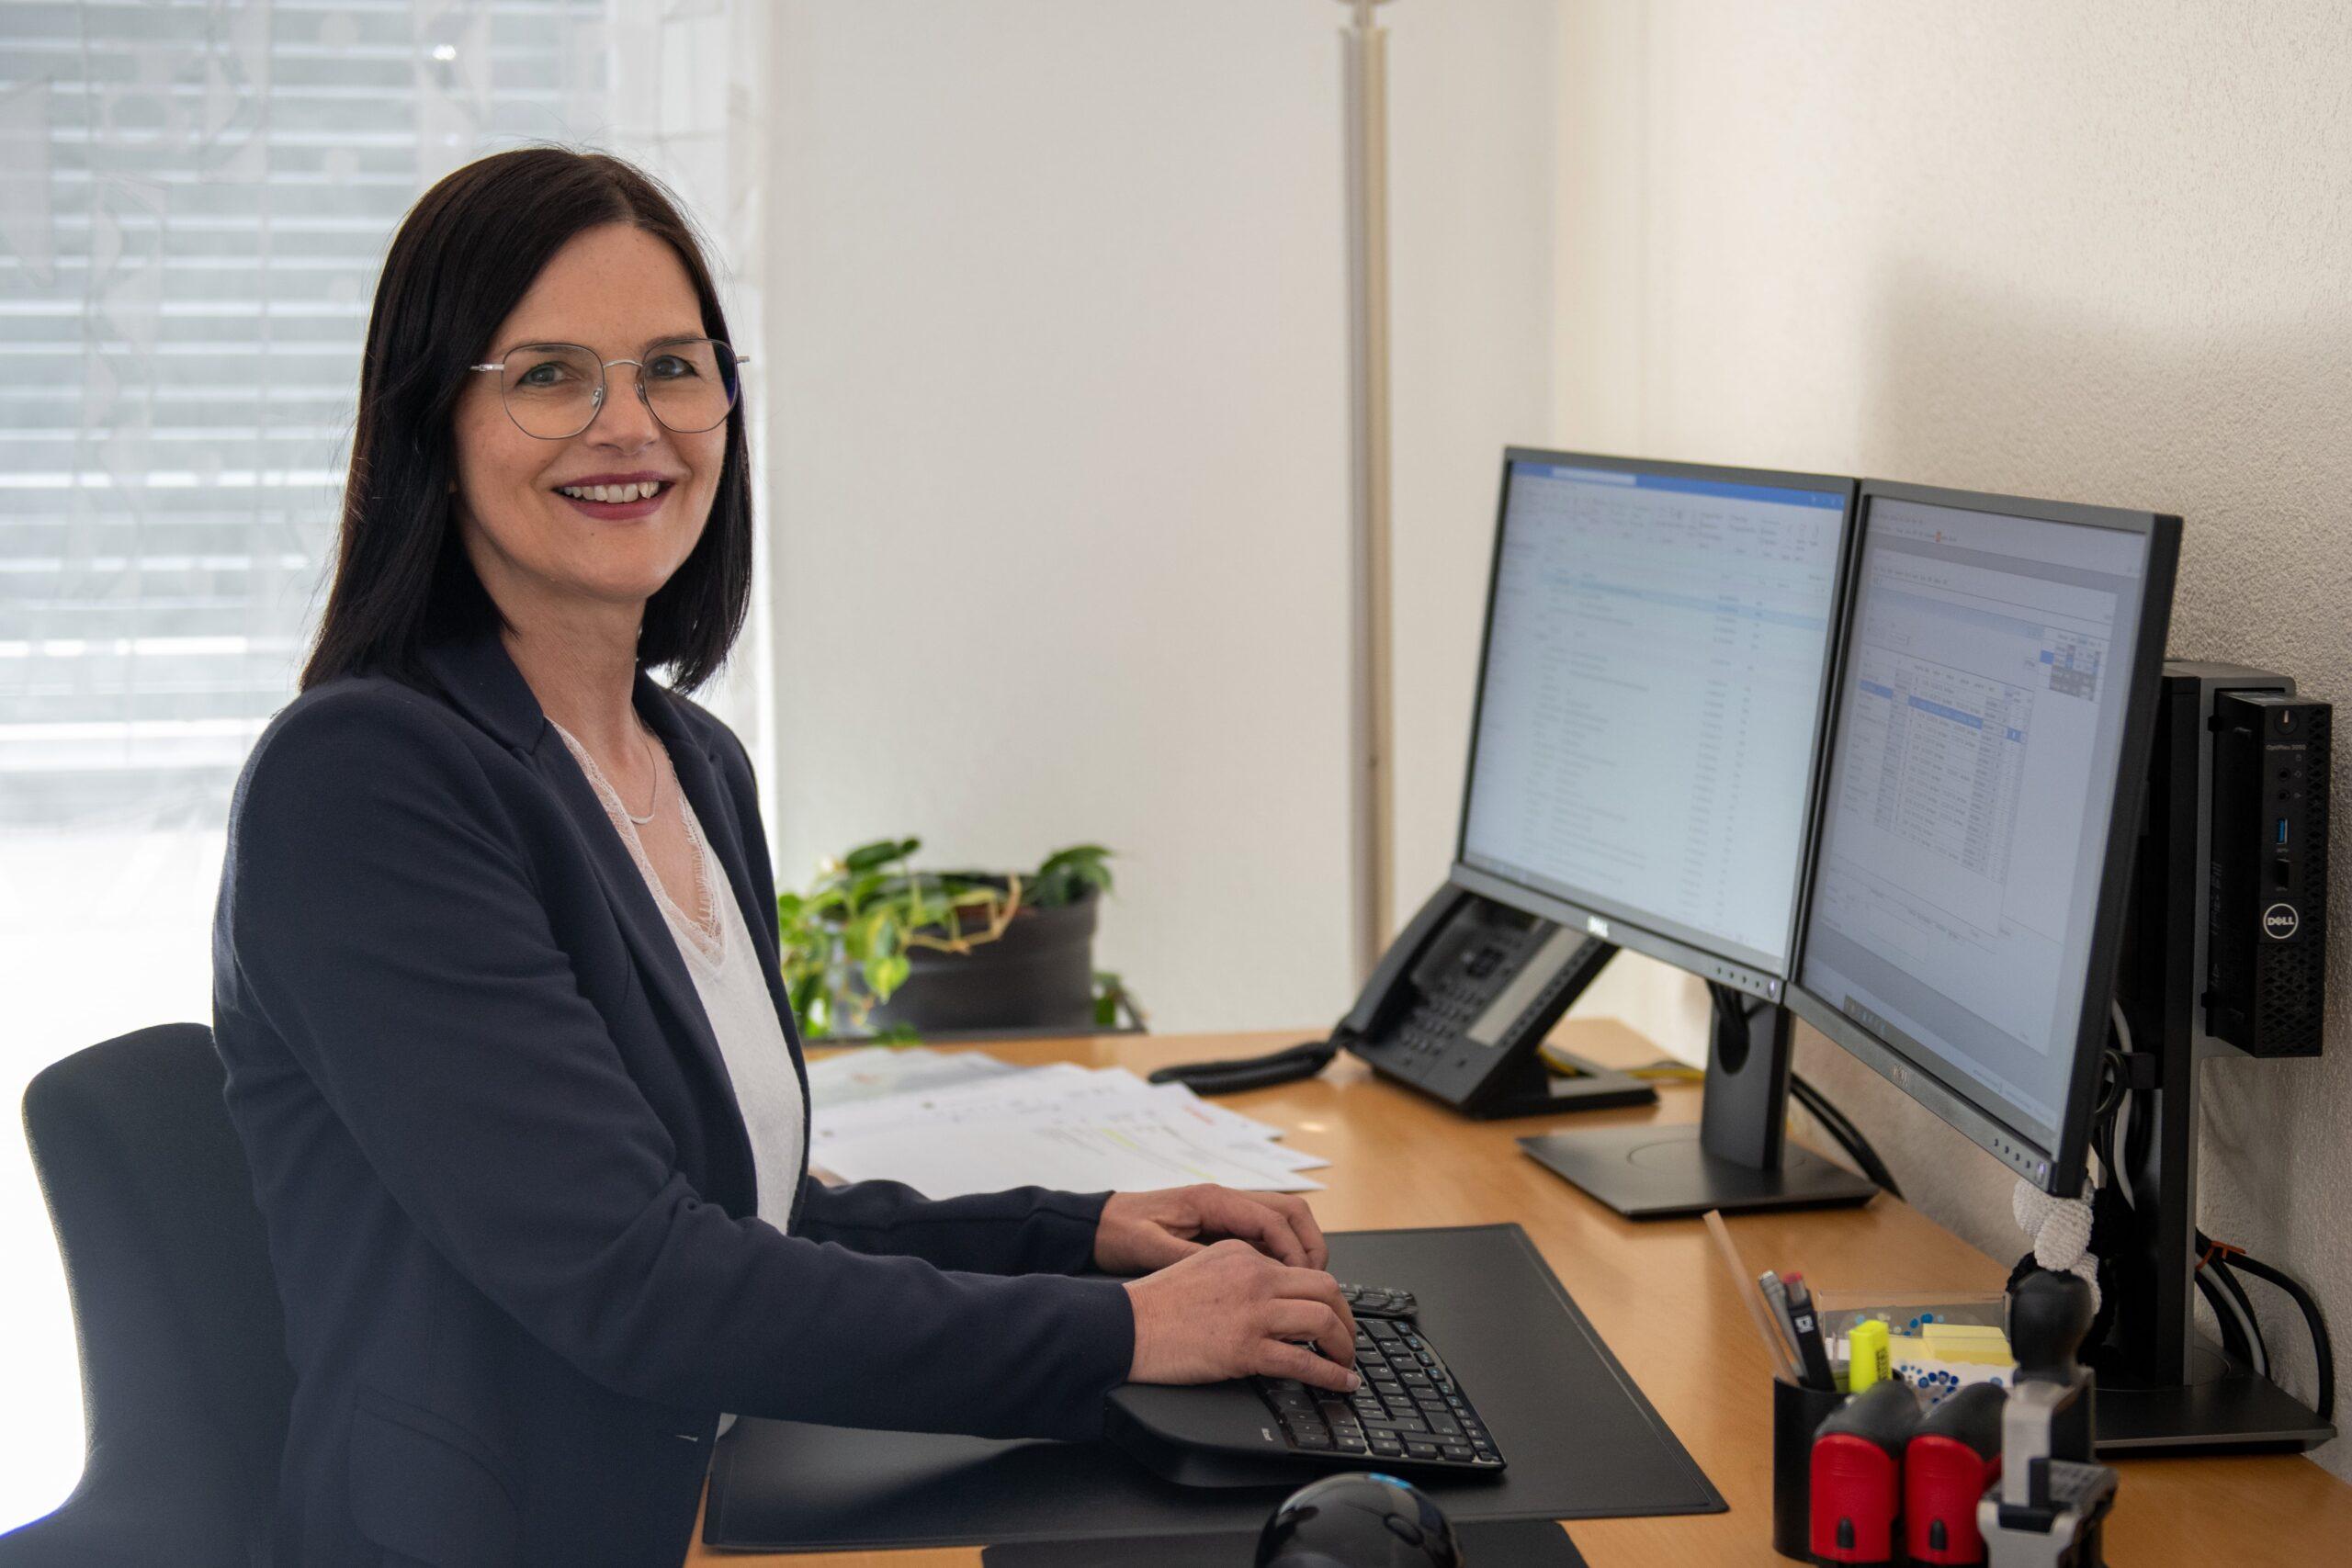 Karin Maspero : Sachbearbeiterin Innendienst